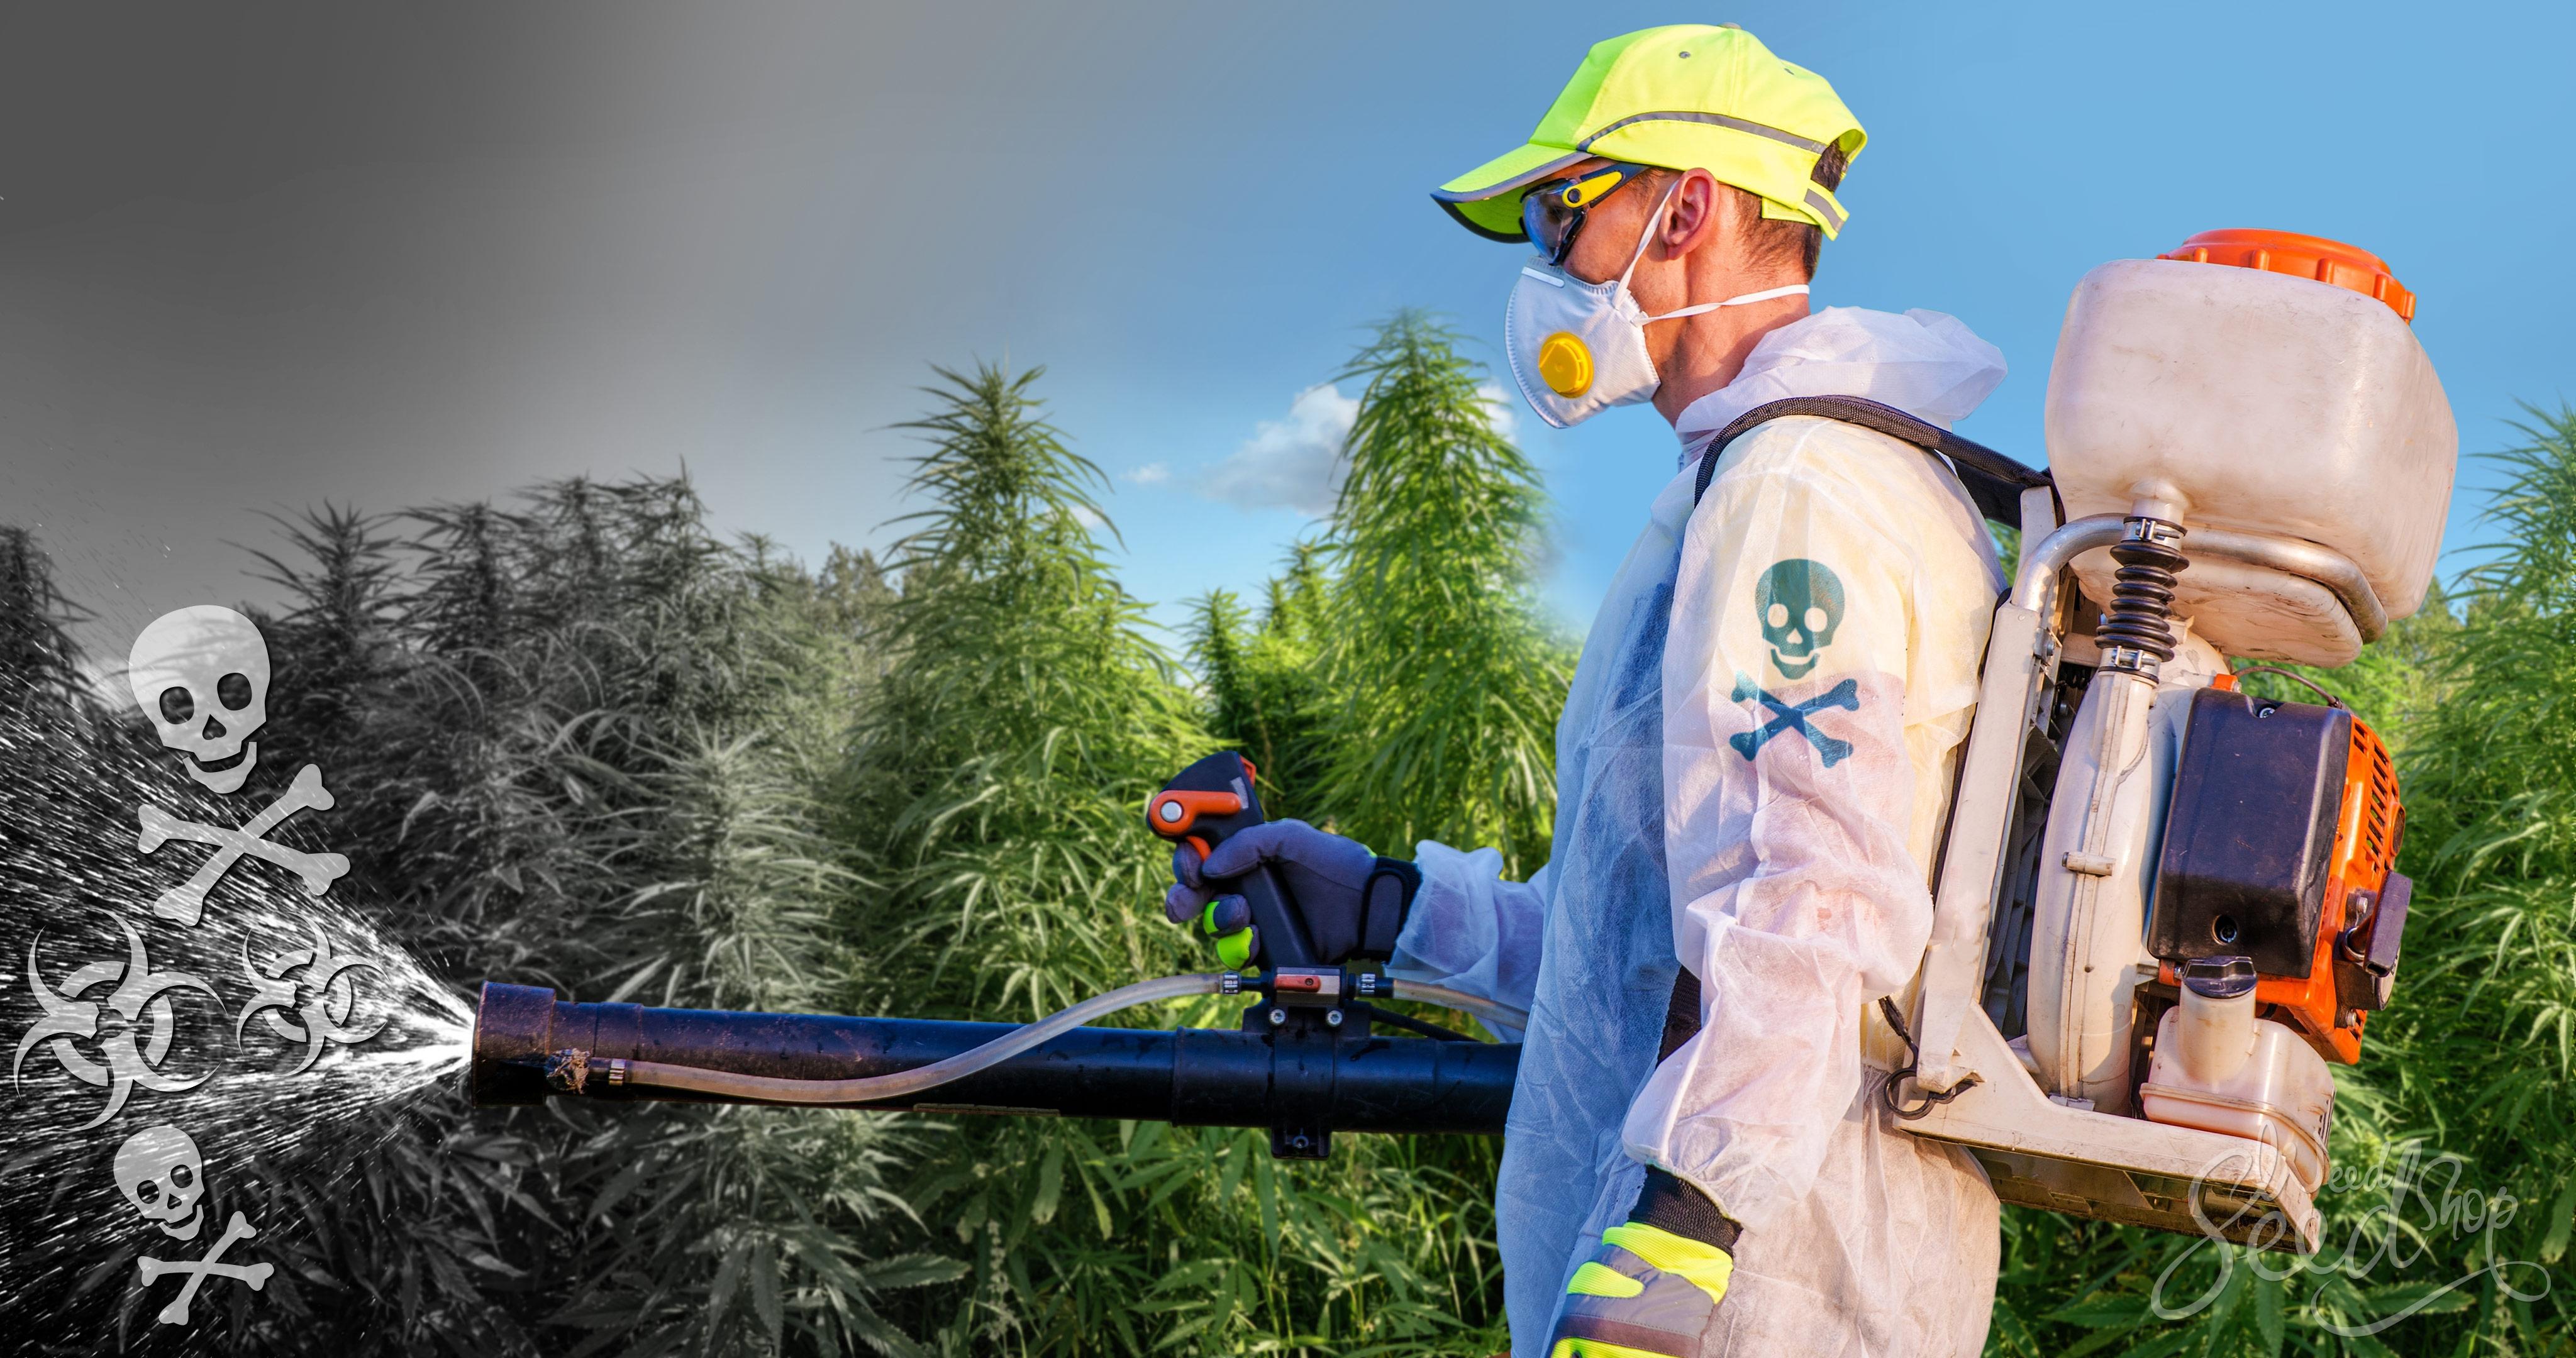 Het Kweken van Wiet: Waarom Je Pesticiden en Alternatieven Moet Vermijden - Weed Seed Shop Blog